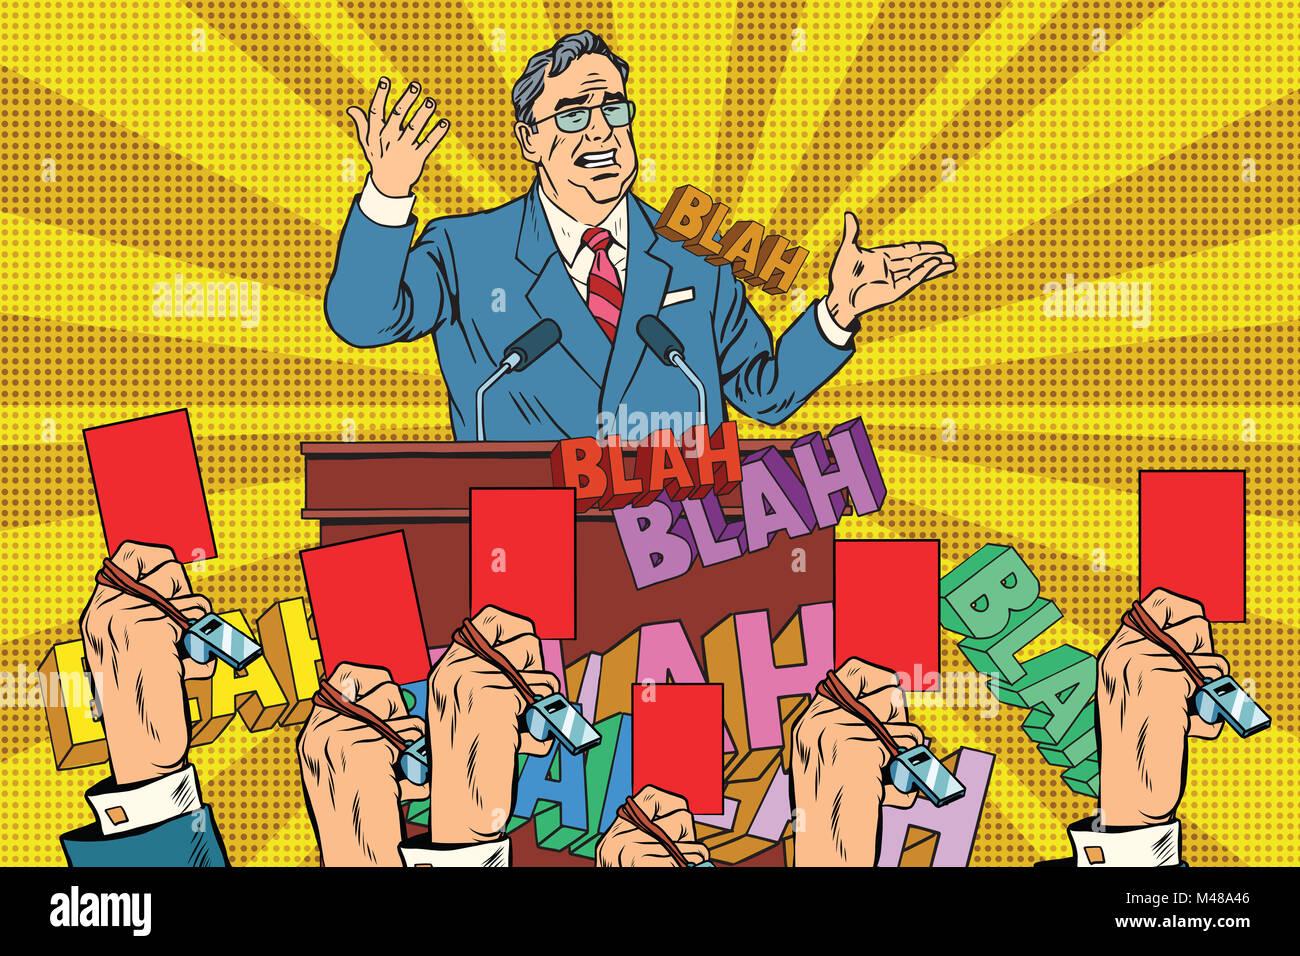 La desconfianza de la política, una tarjeta roja candidato Imagen De Stock